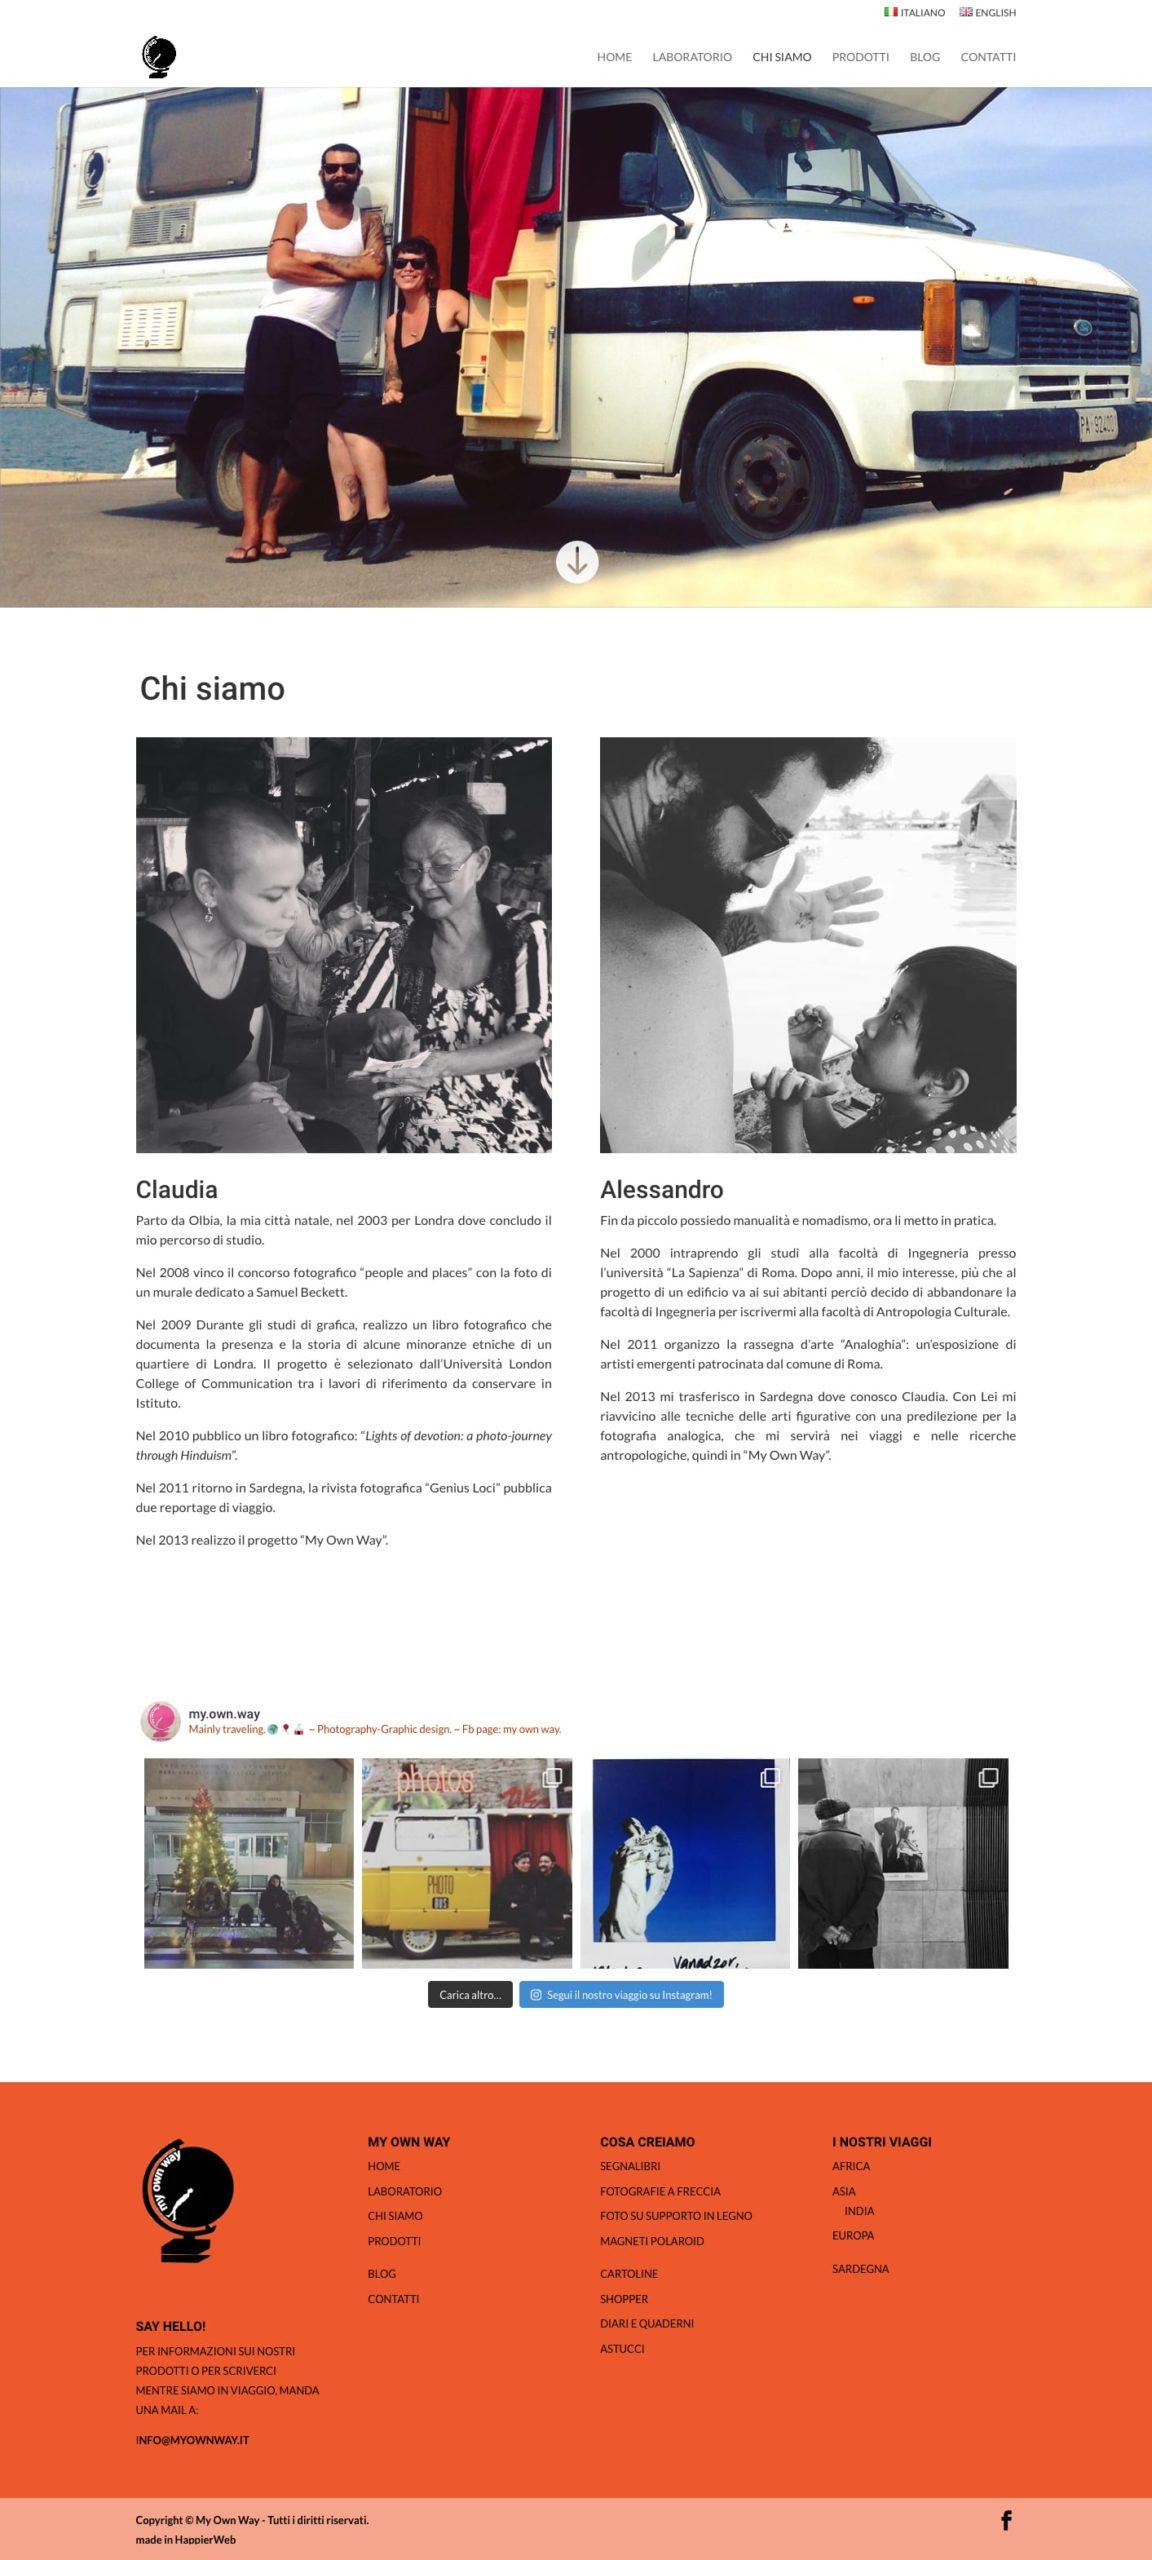 My Own Way chi siamo profilo Claudia e Alessandro